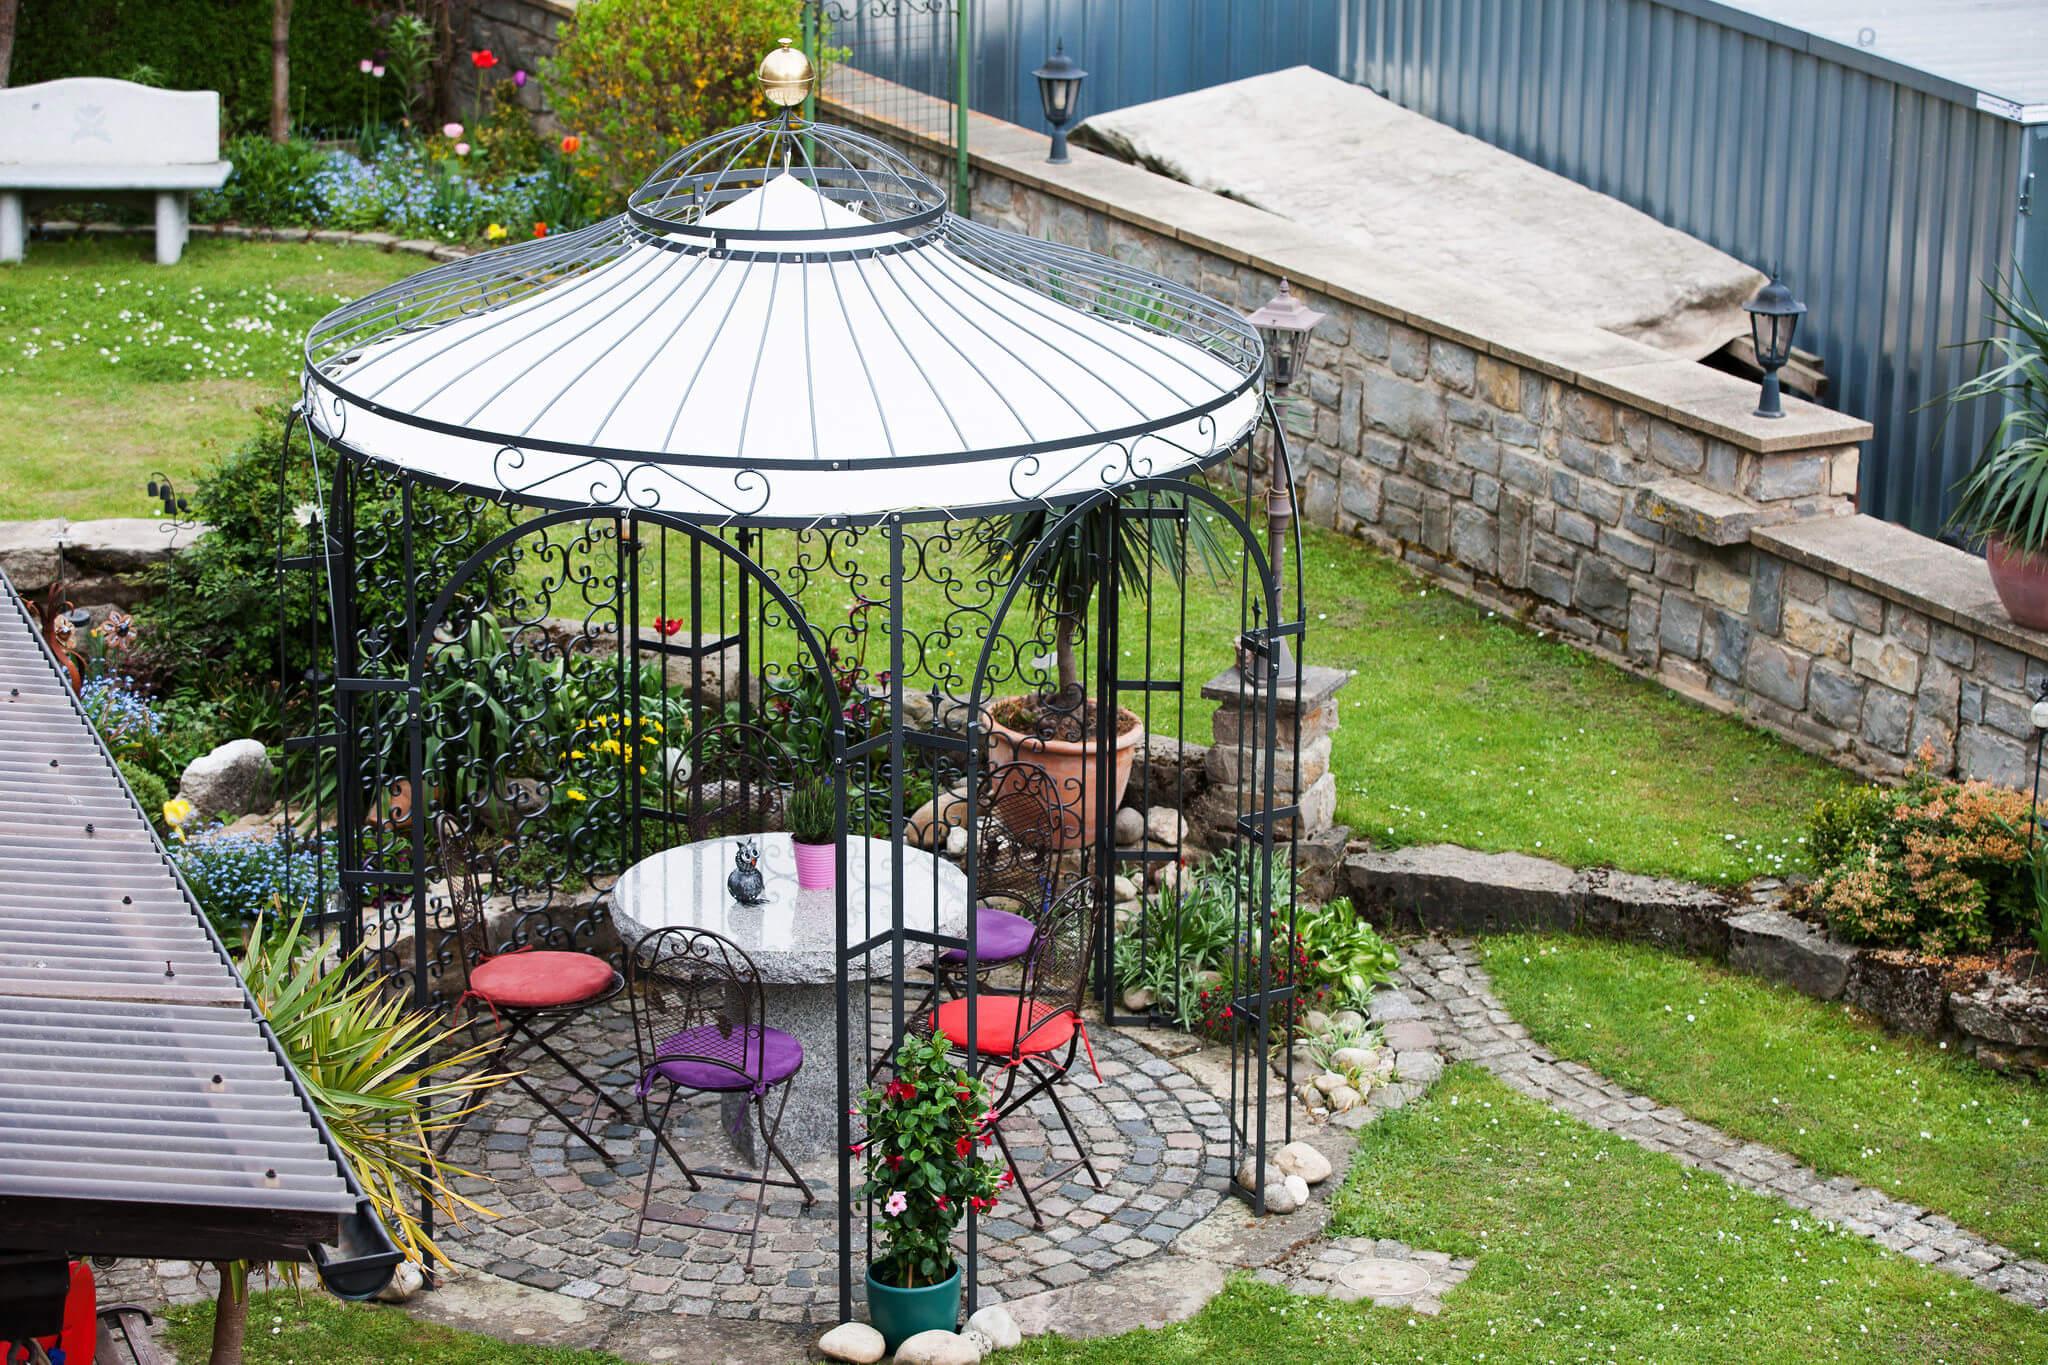 Gartenpavillon Milano mit Messingkugel, Sonnensegel und Rankgitter Rosa, pulverbeschichtet